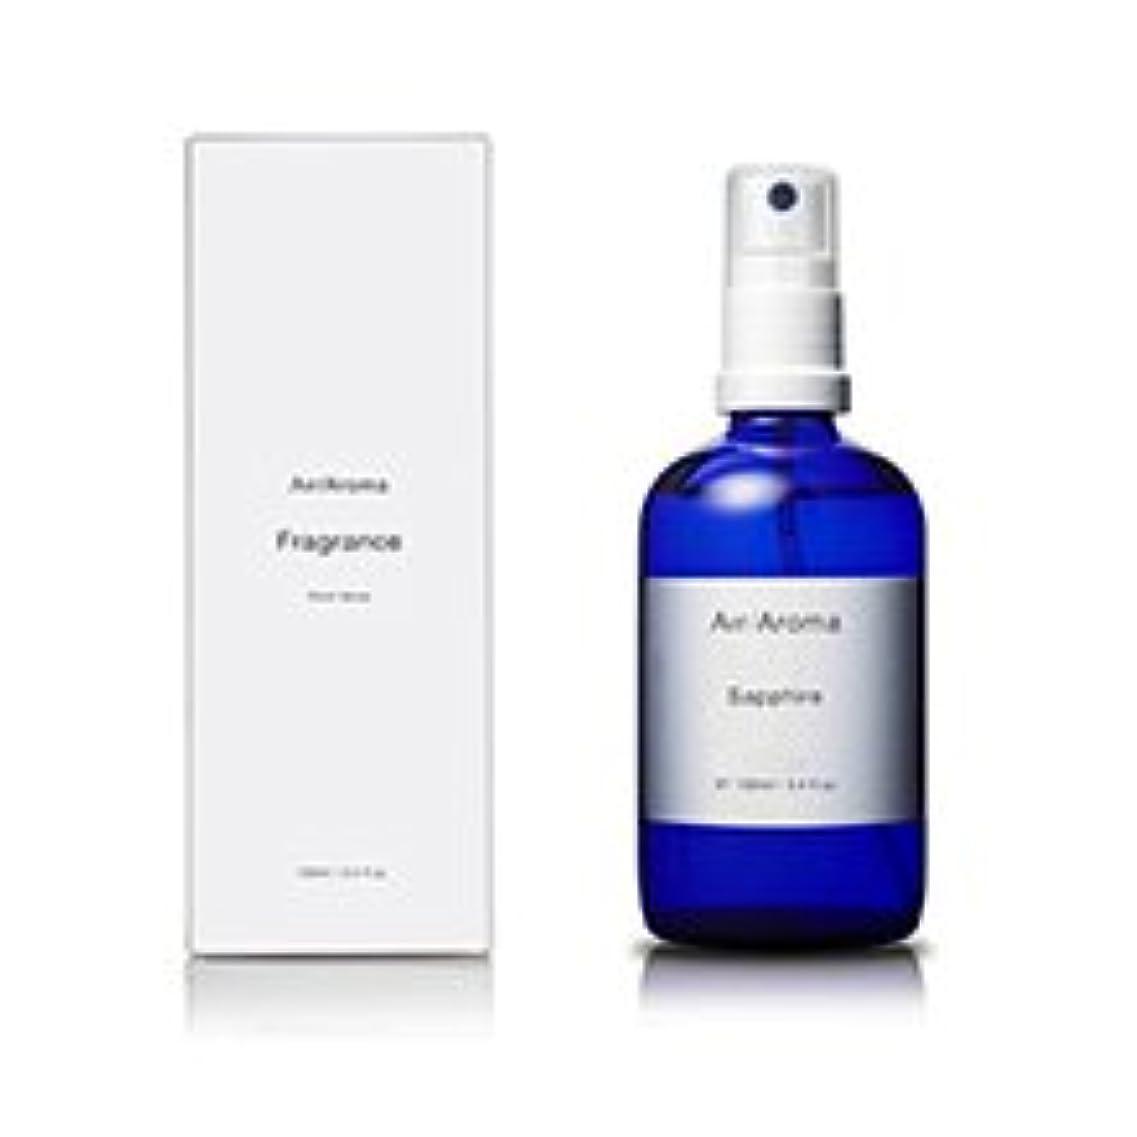 エアアロマ sapphire room fragrance(サファイア ルームフレグランス) 100ml